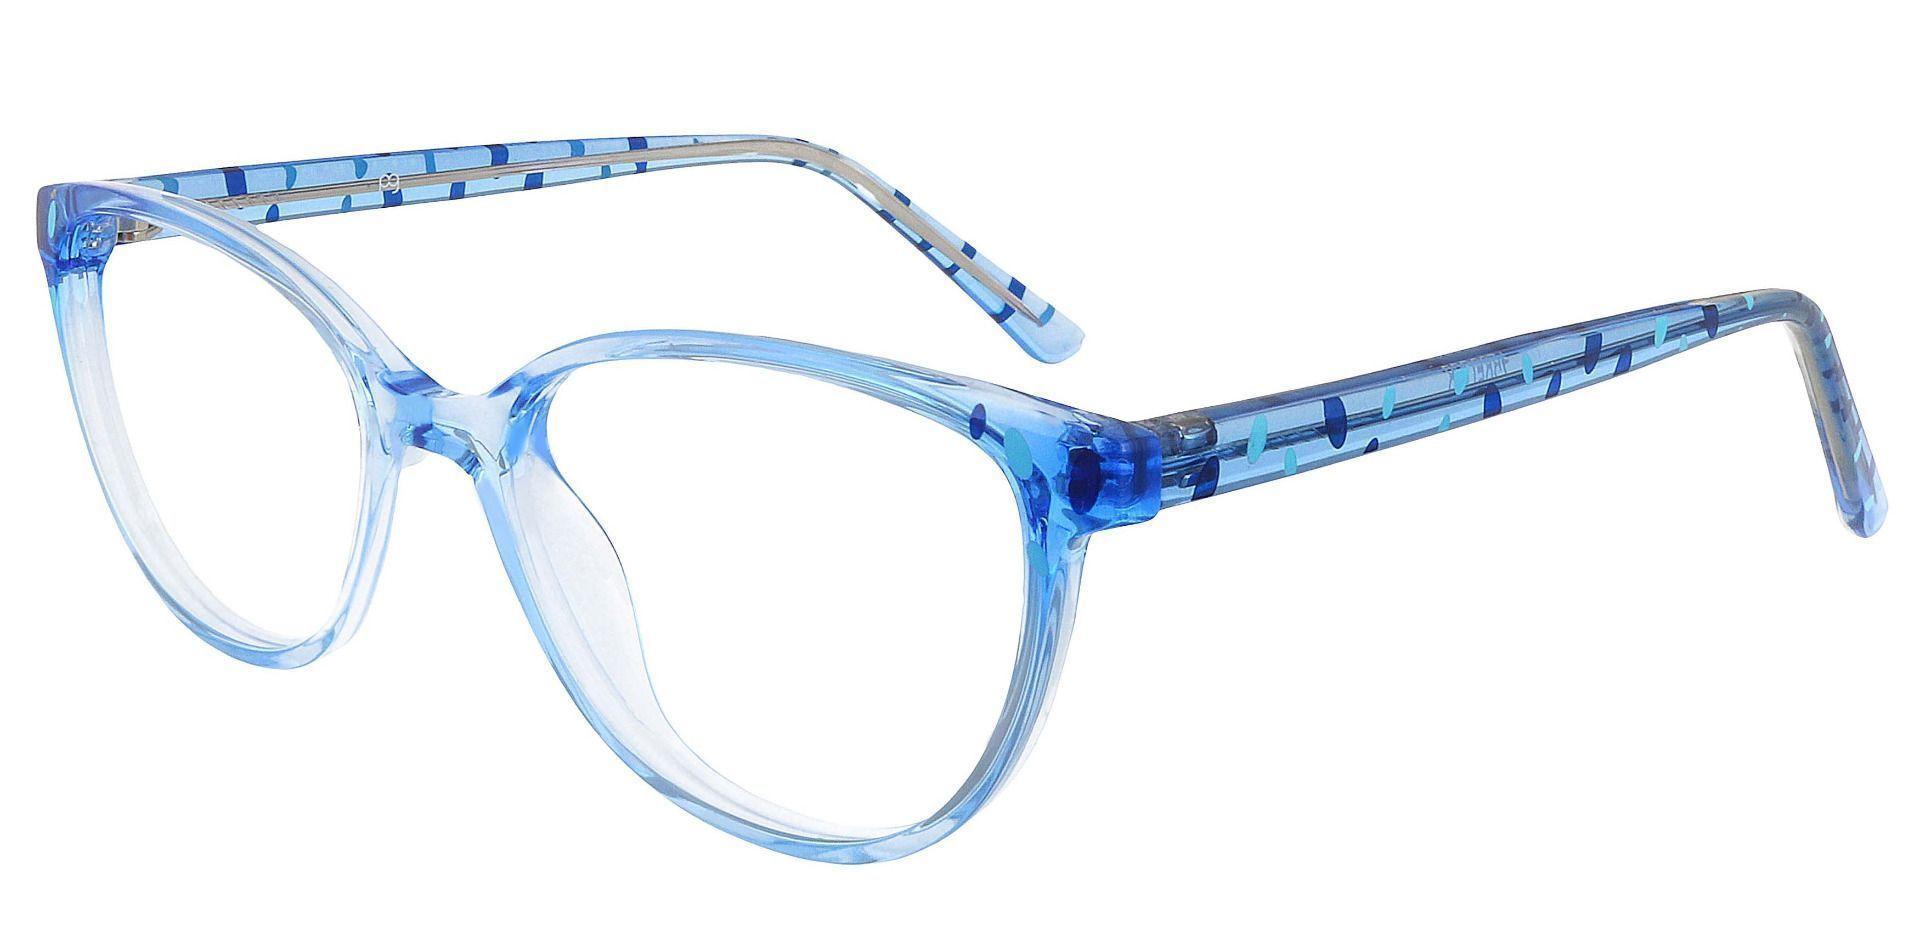 Carma Oval Prescription Glasses - Blue